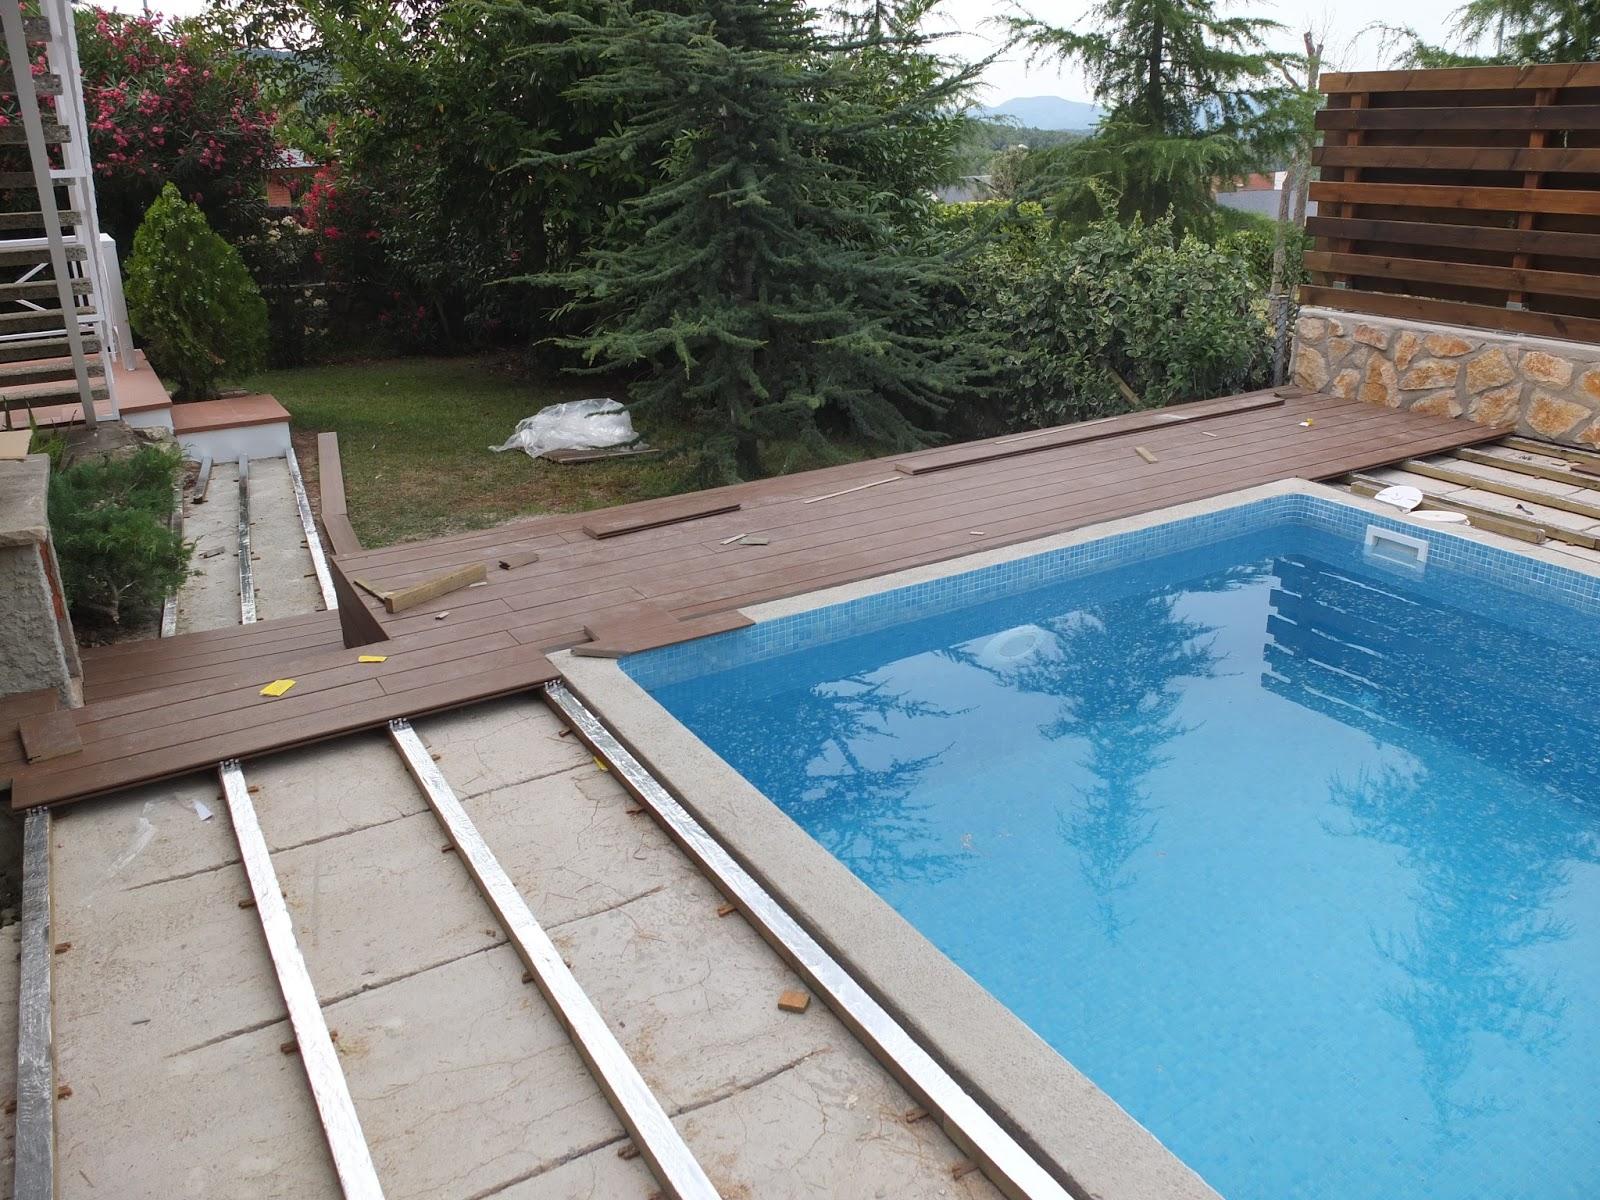 Opemho sl piscina con suelo de madera sintetica y valla en pino - Vallas de madera para piscinas ...